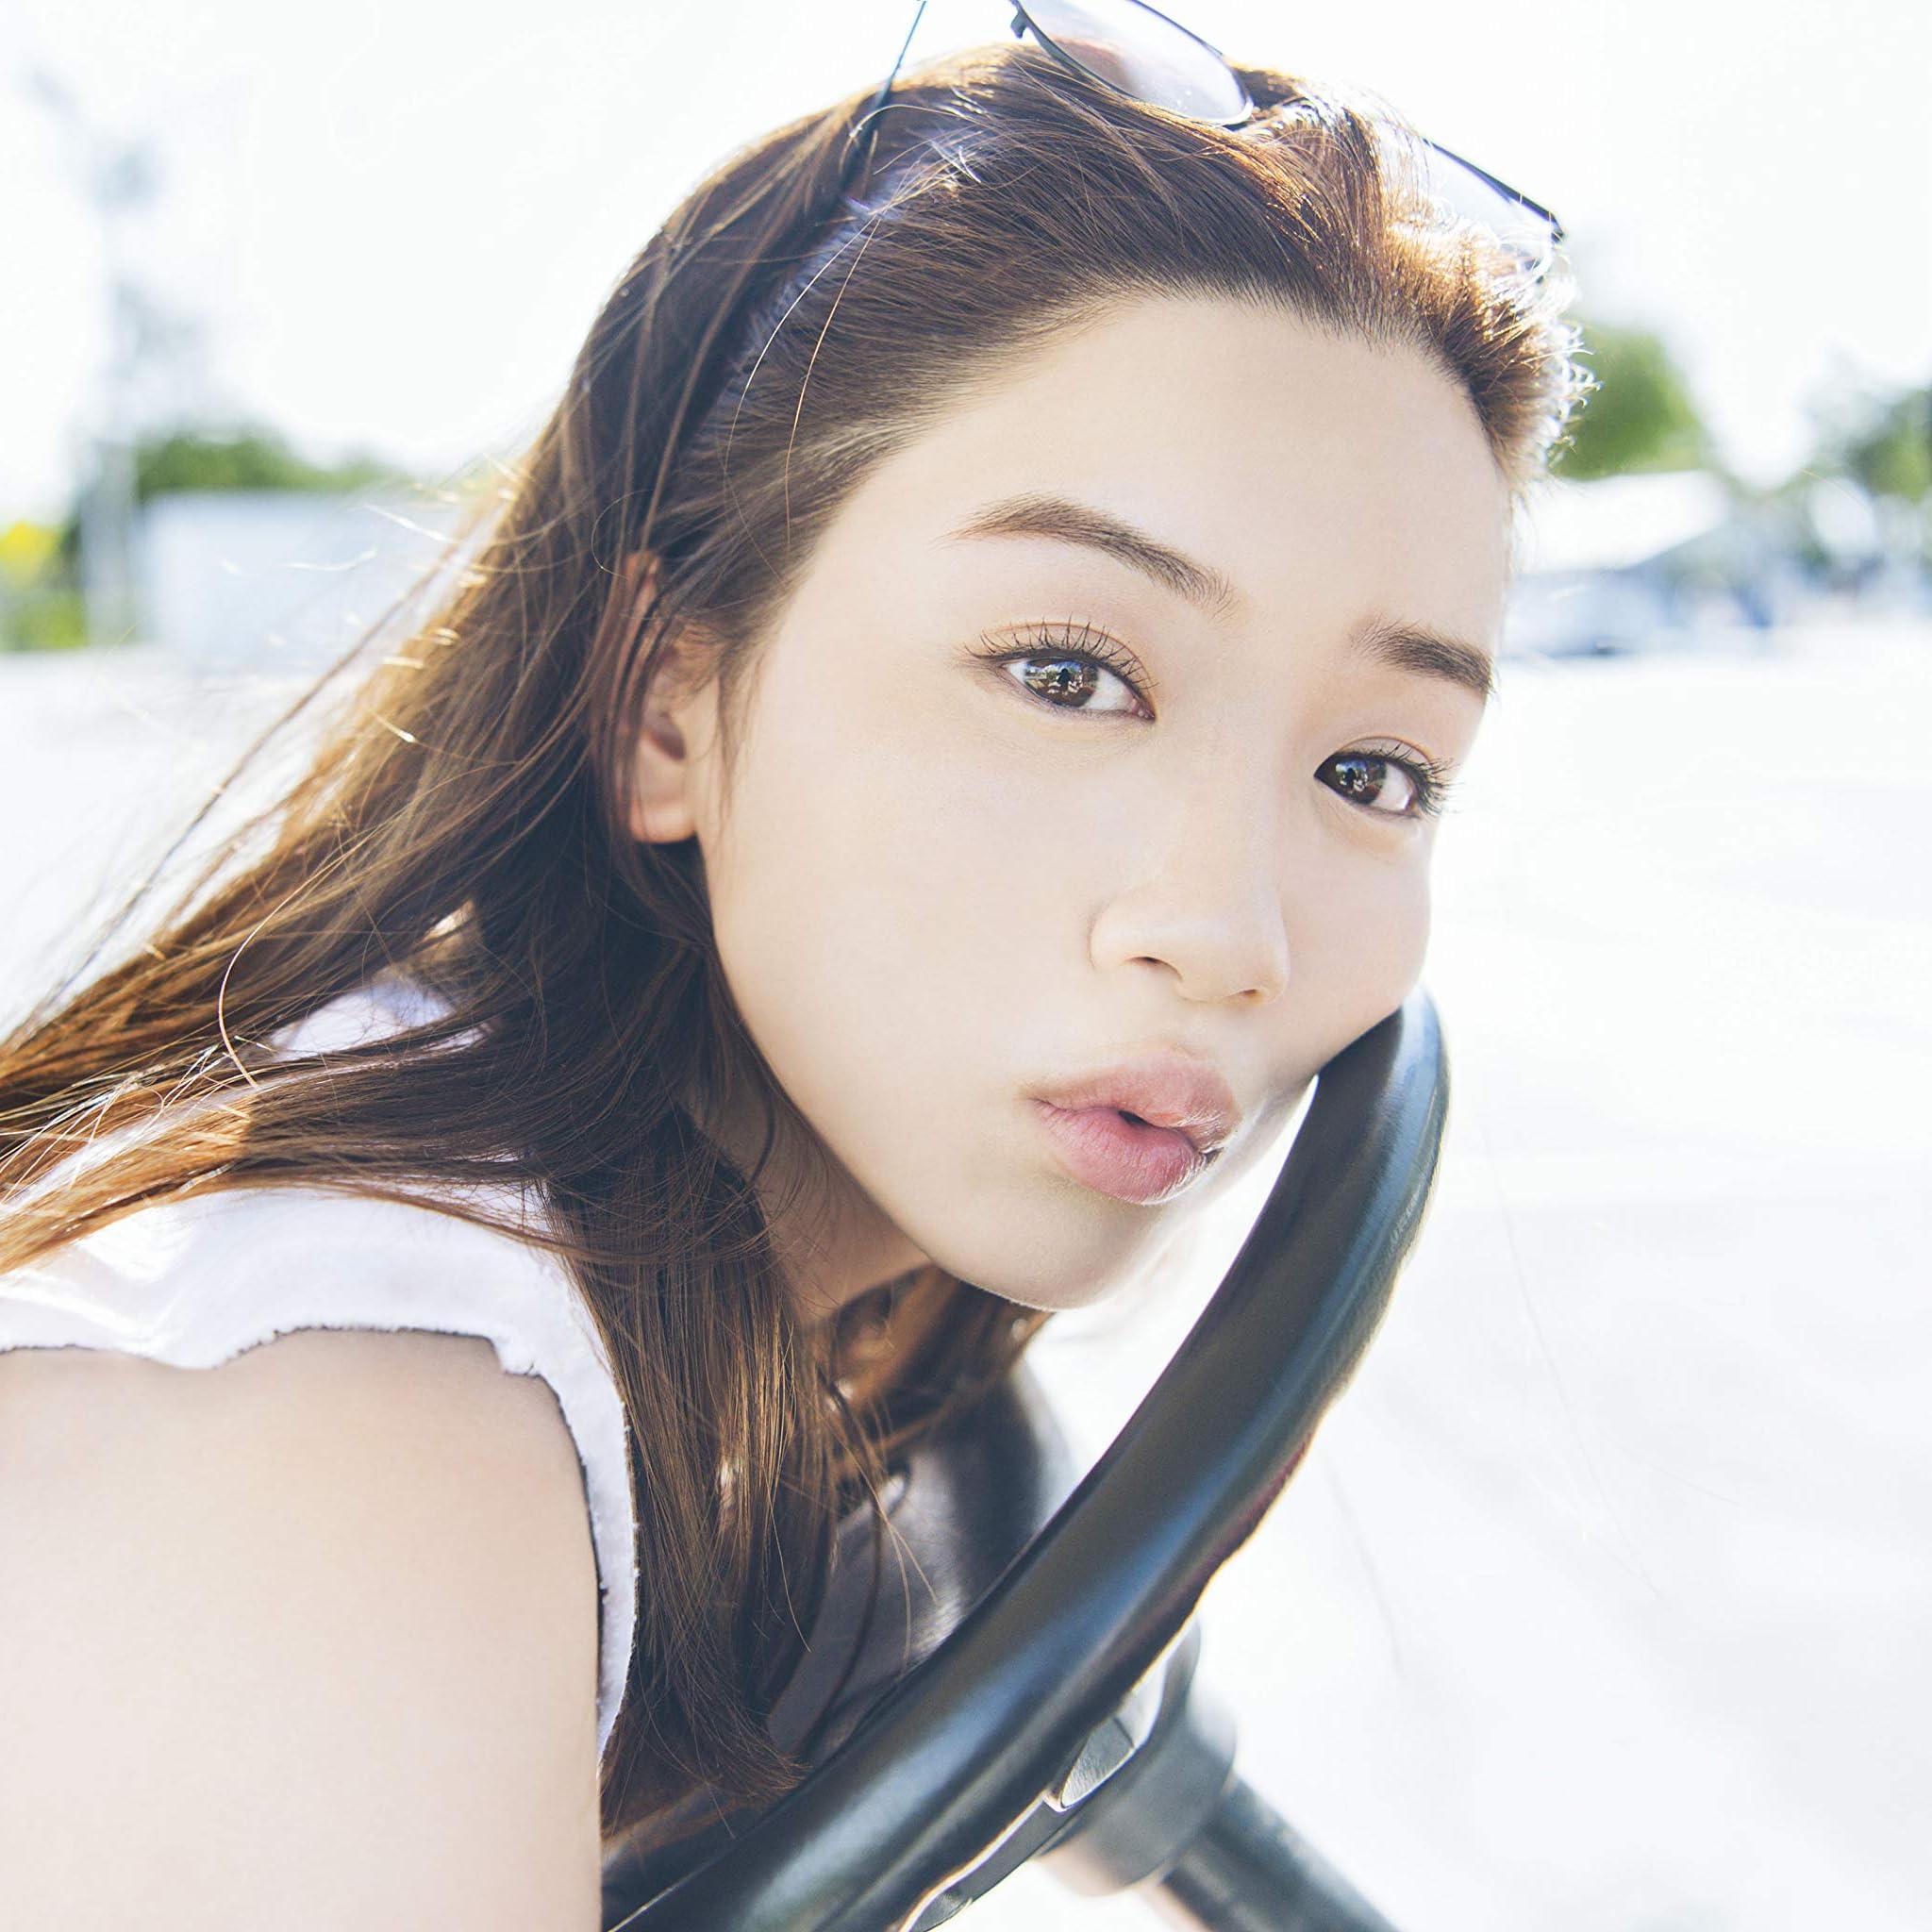 永野芽郁 Ipad壁紙 ハンドルにもたれる 女性タレント スマホ用画像96755